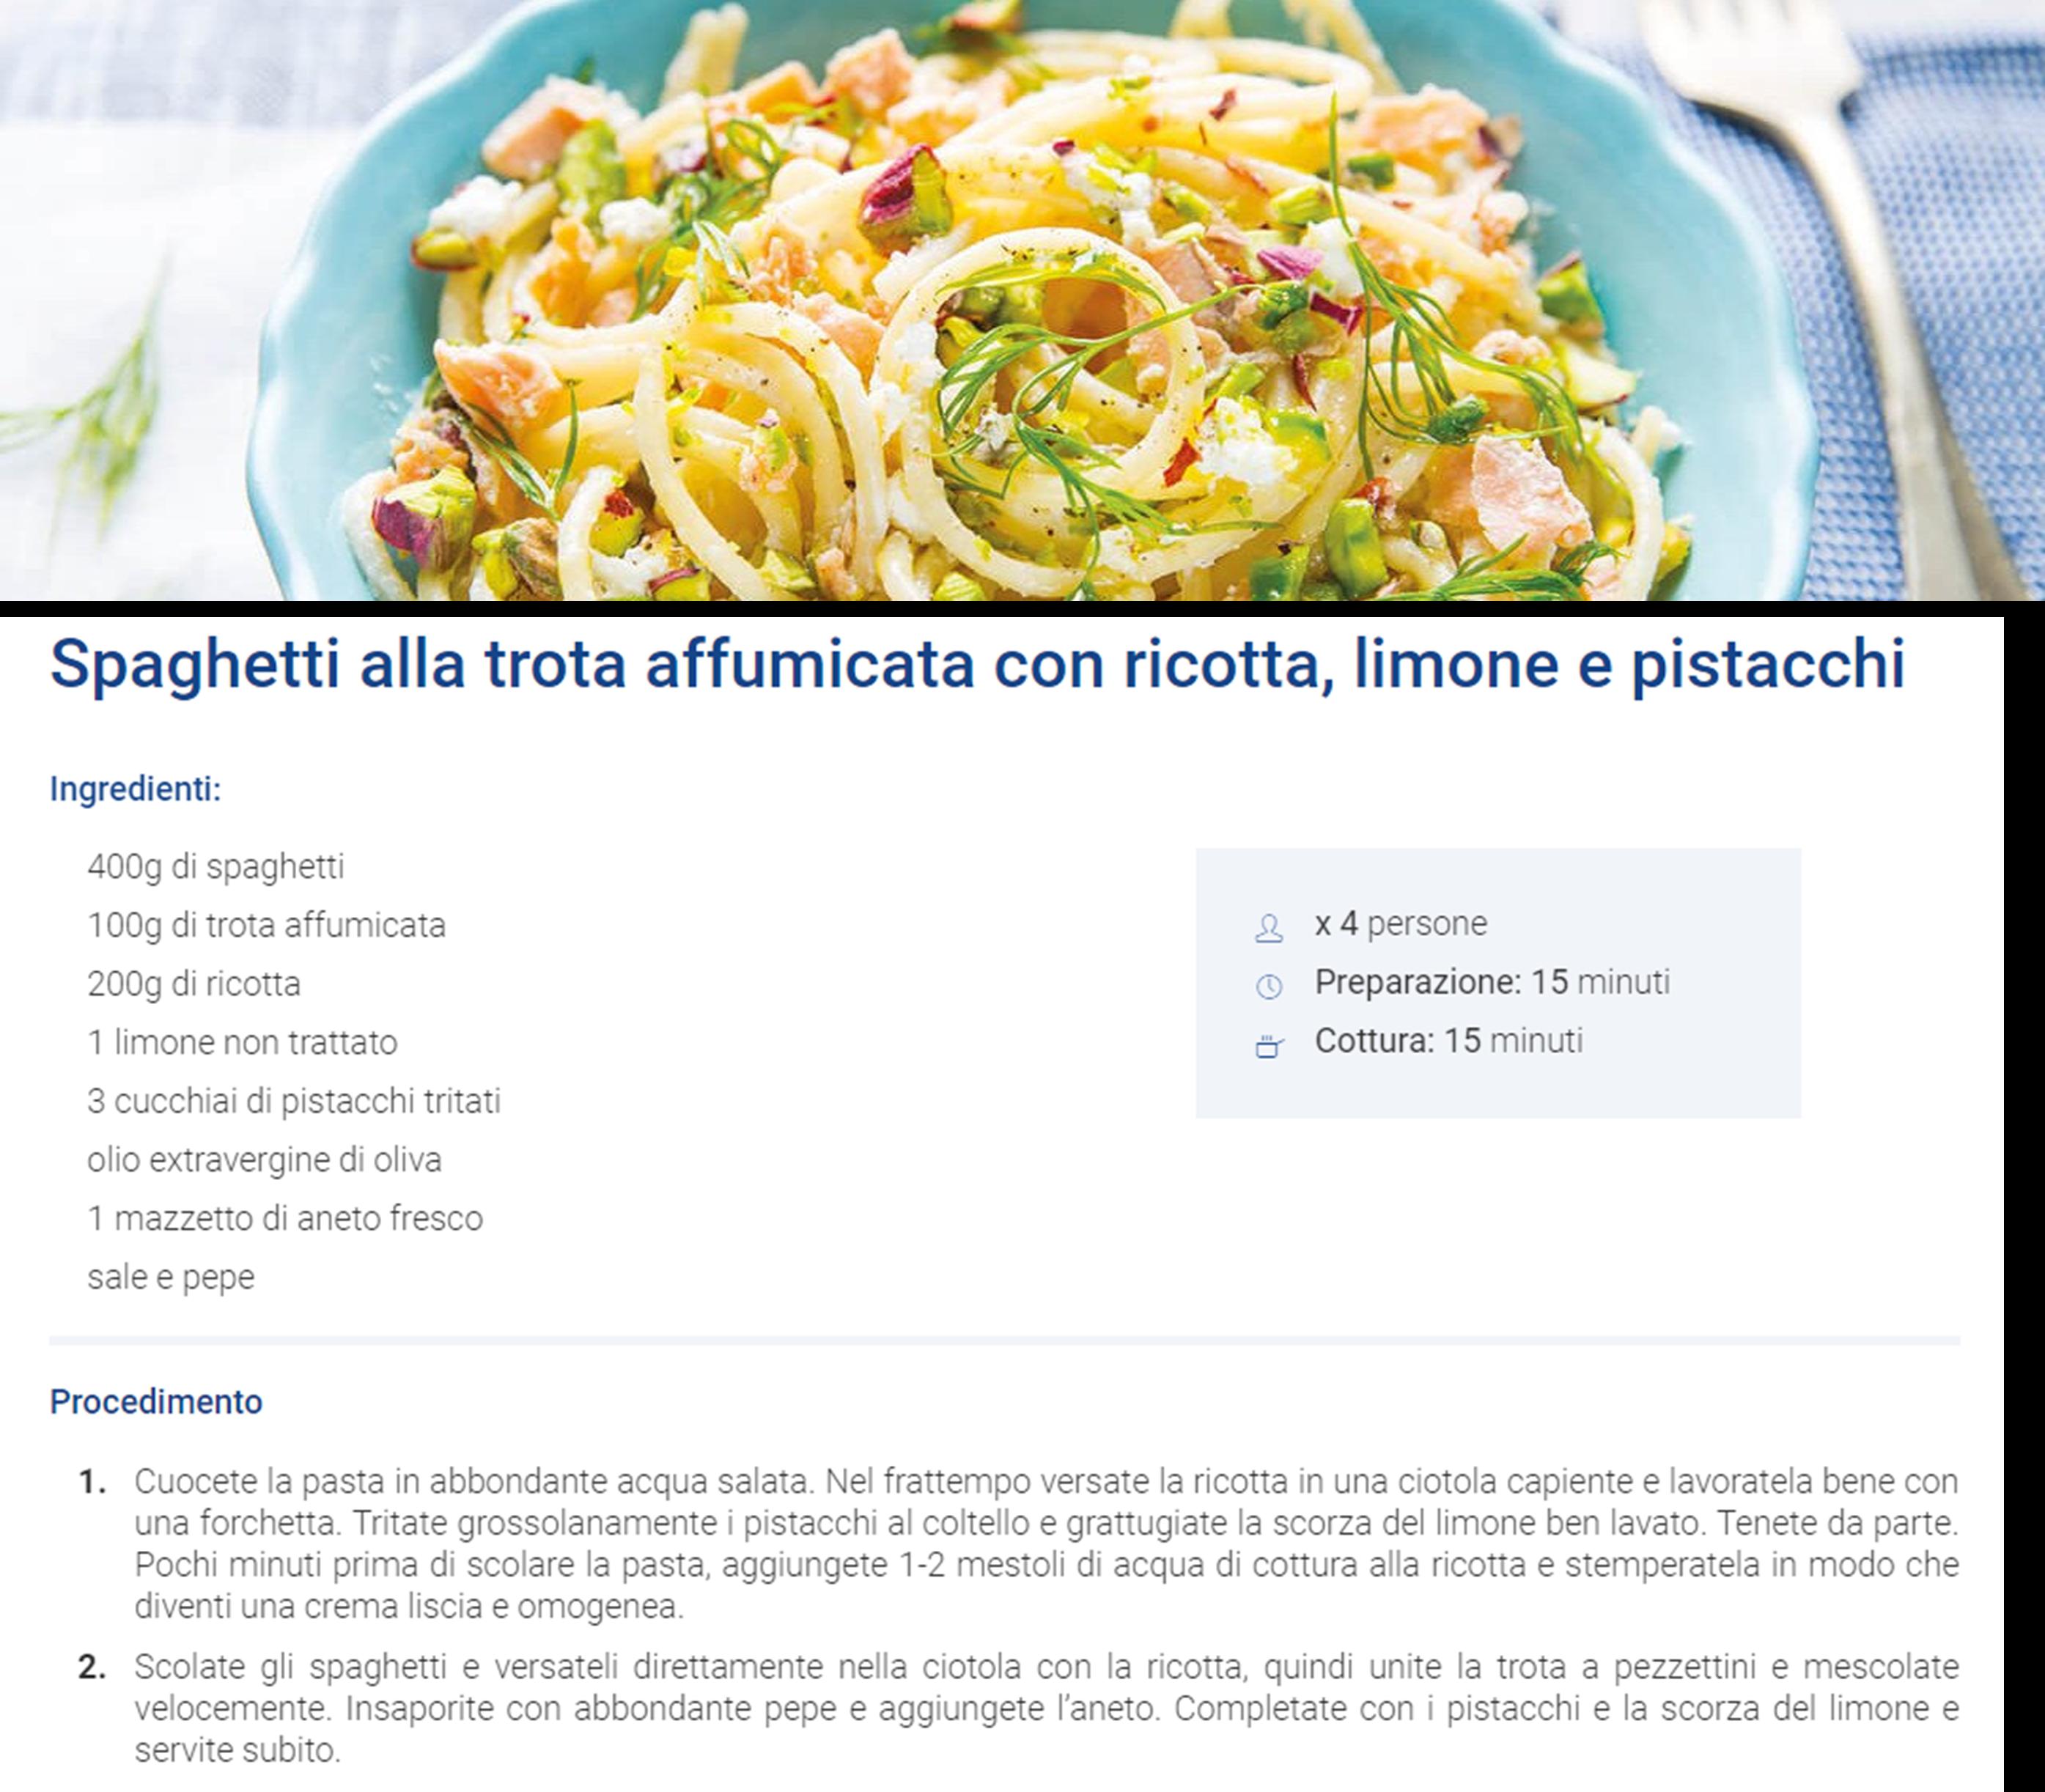 Spaghetti alla trota affumicata con ricotta, limone e pistacchi